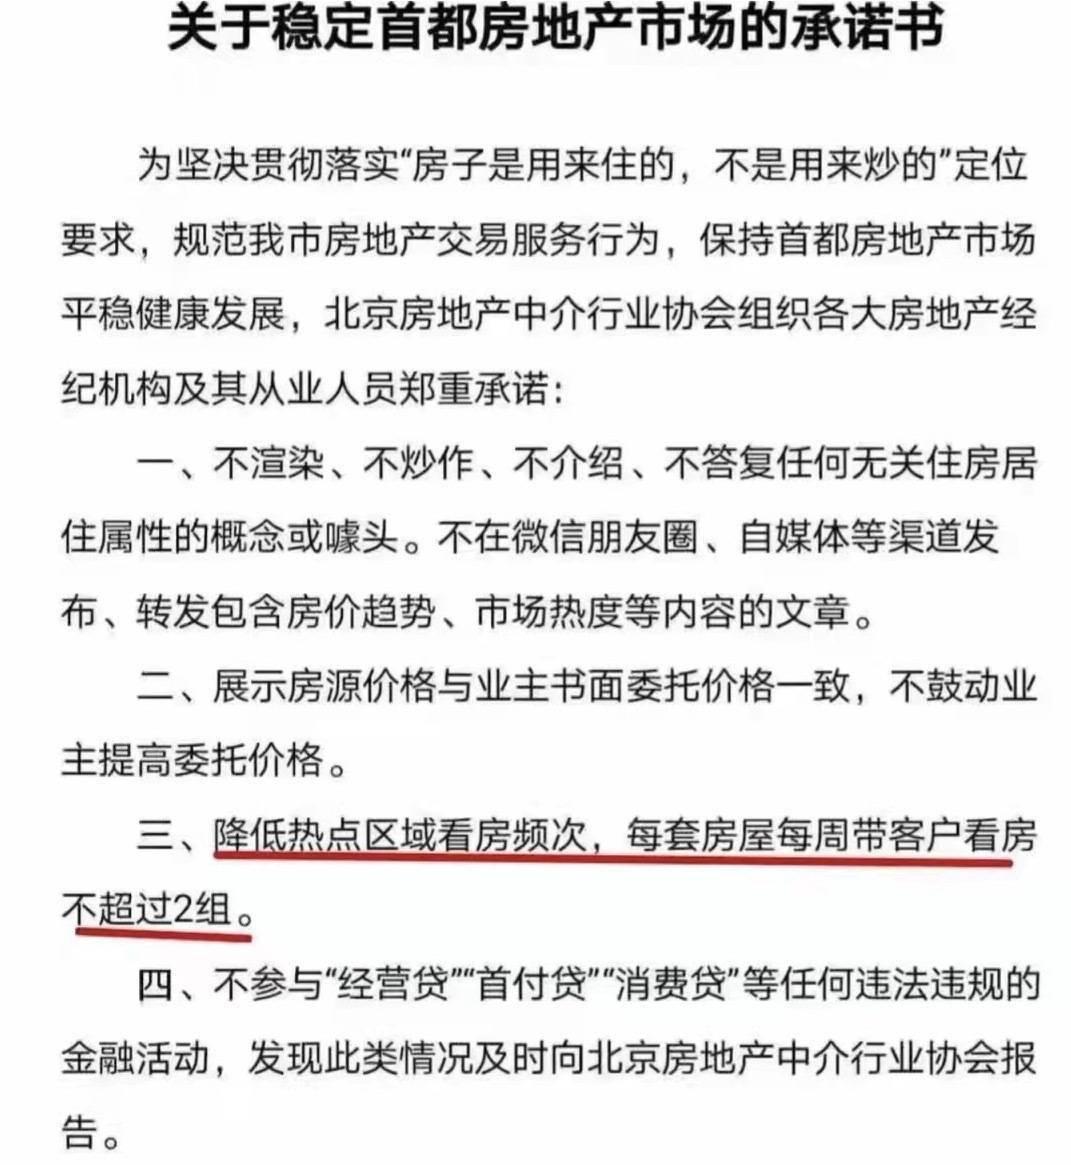 北京市一部分中介公司服务承诺不3D渲染、不蹭热点